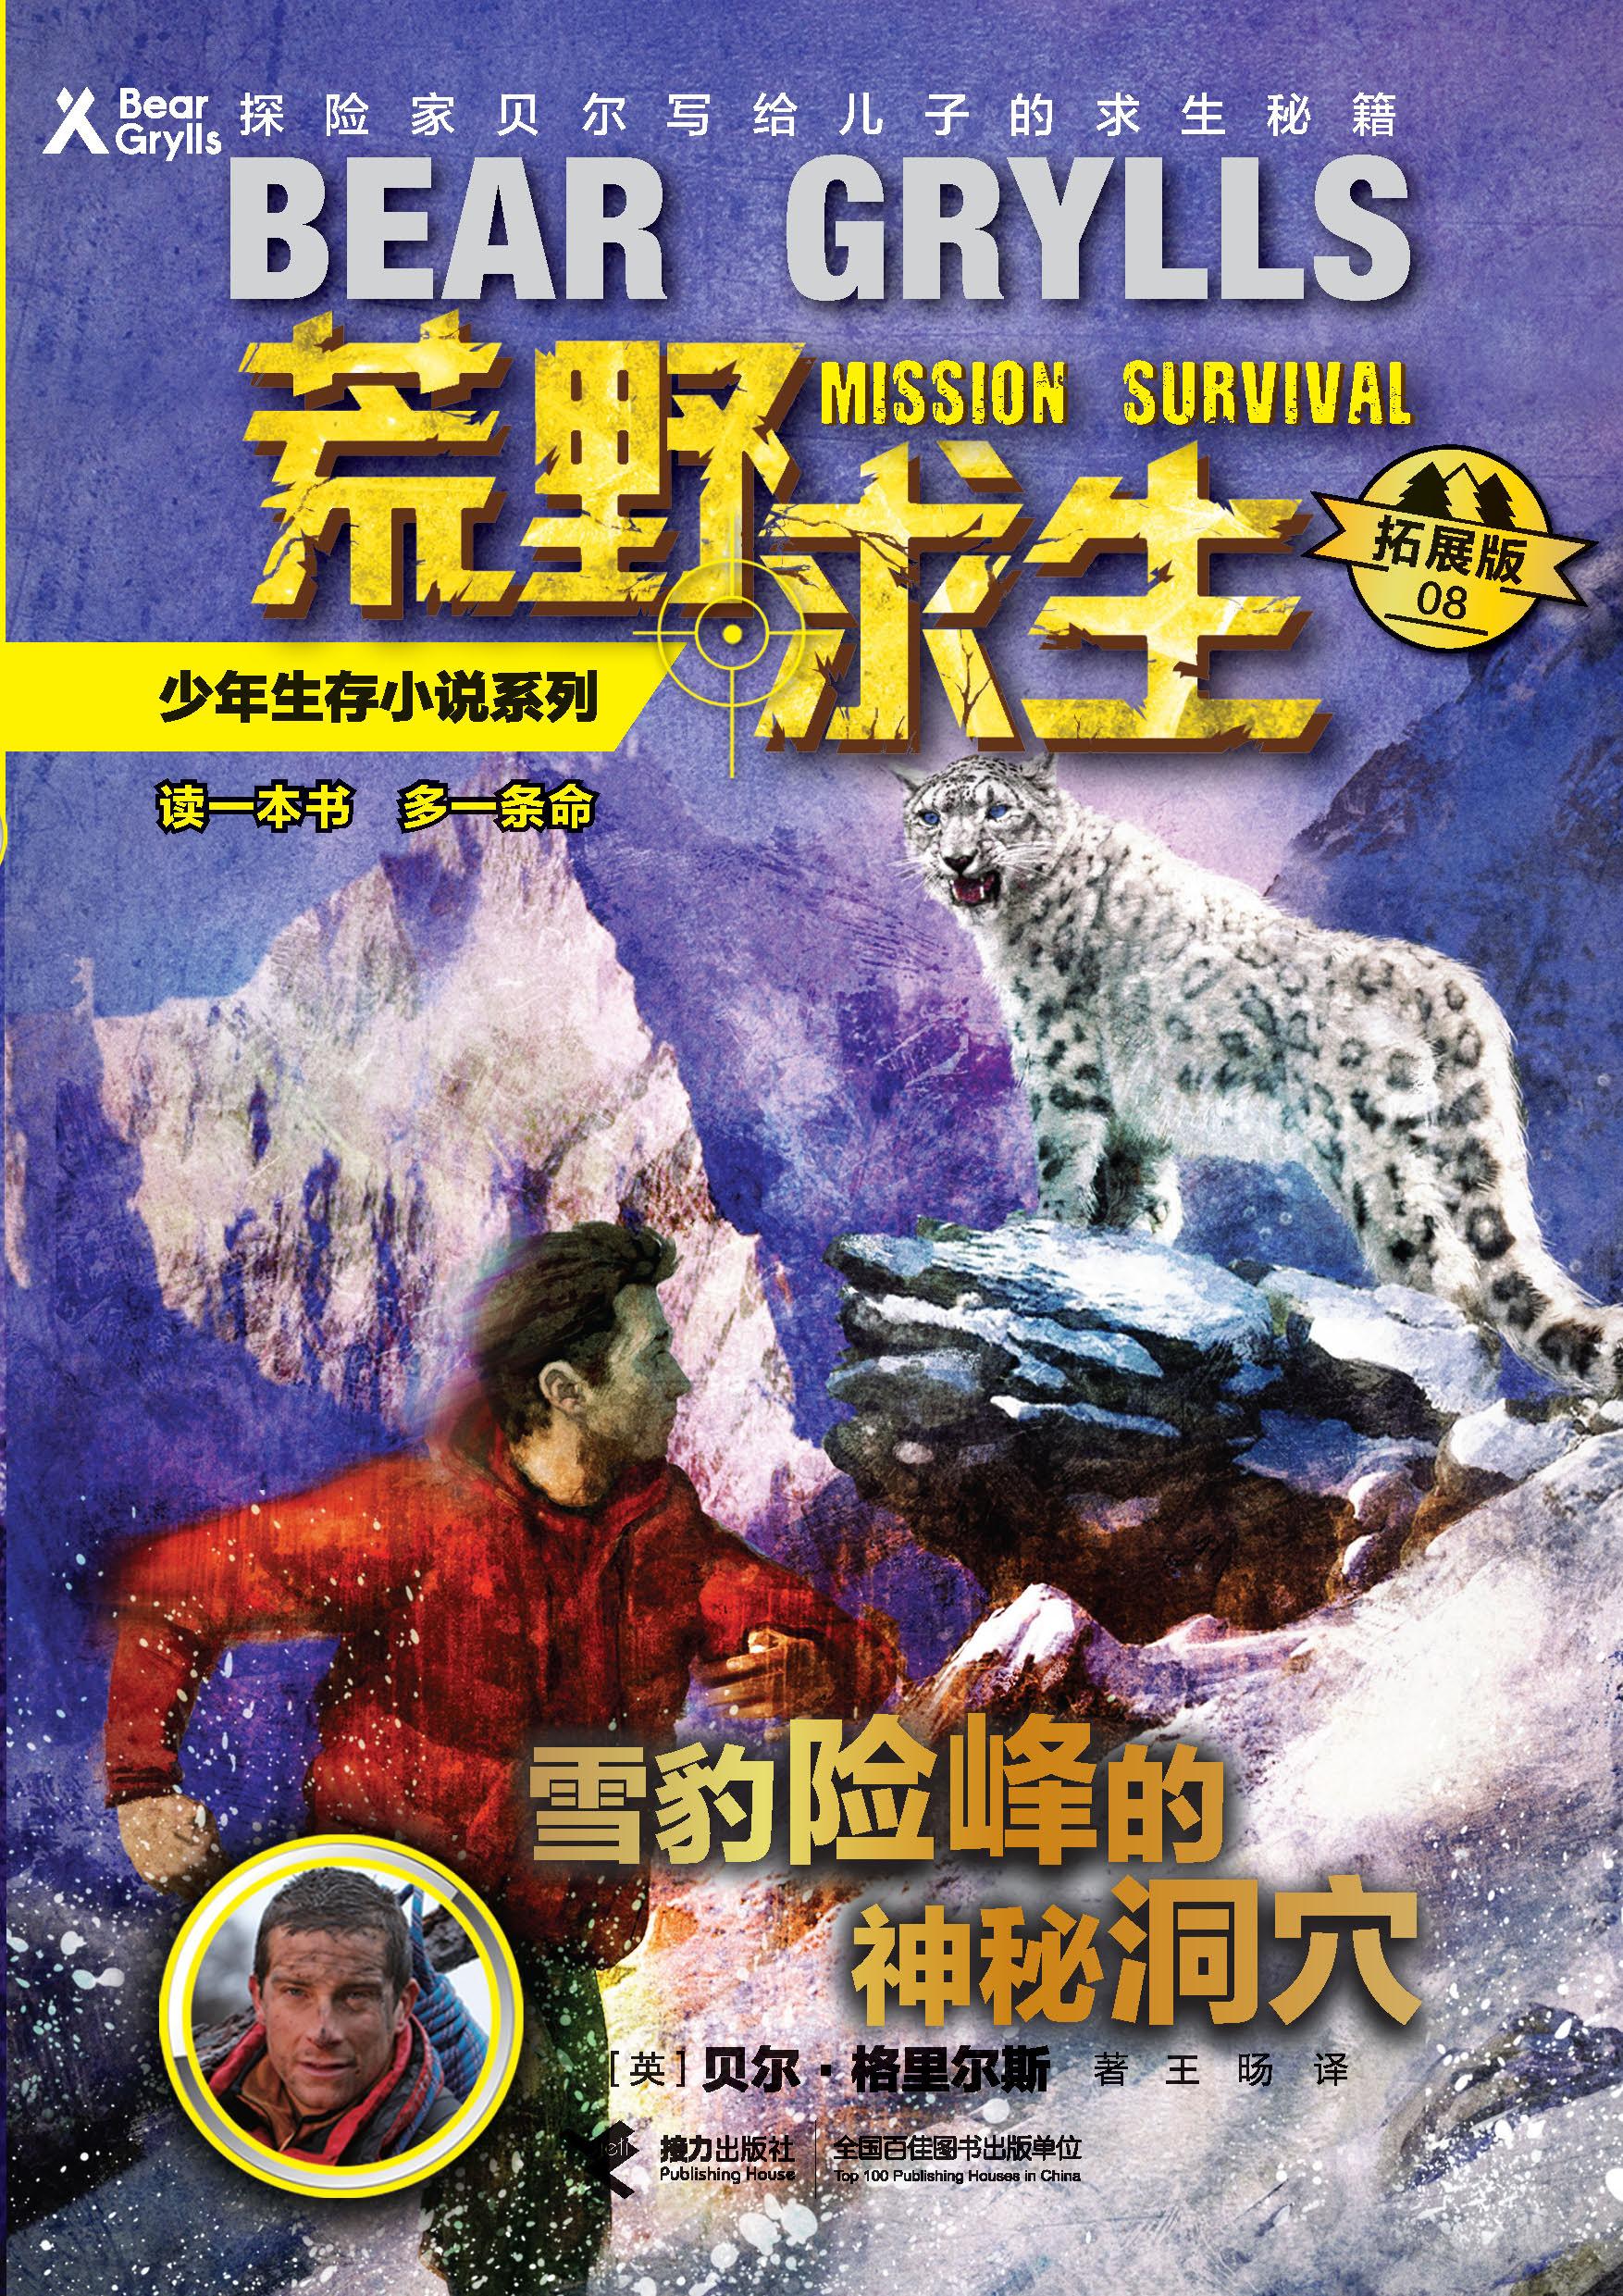 雪豹险峰的神秘洞穴